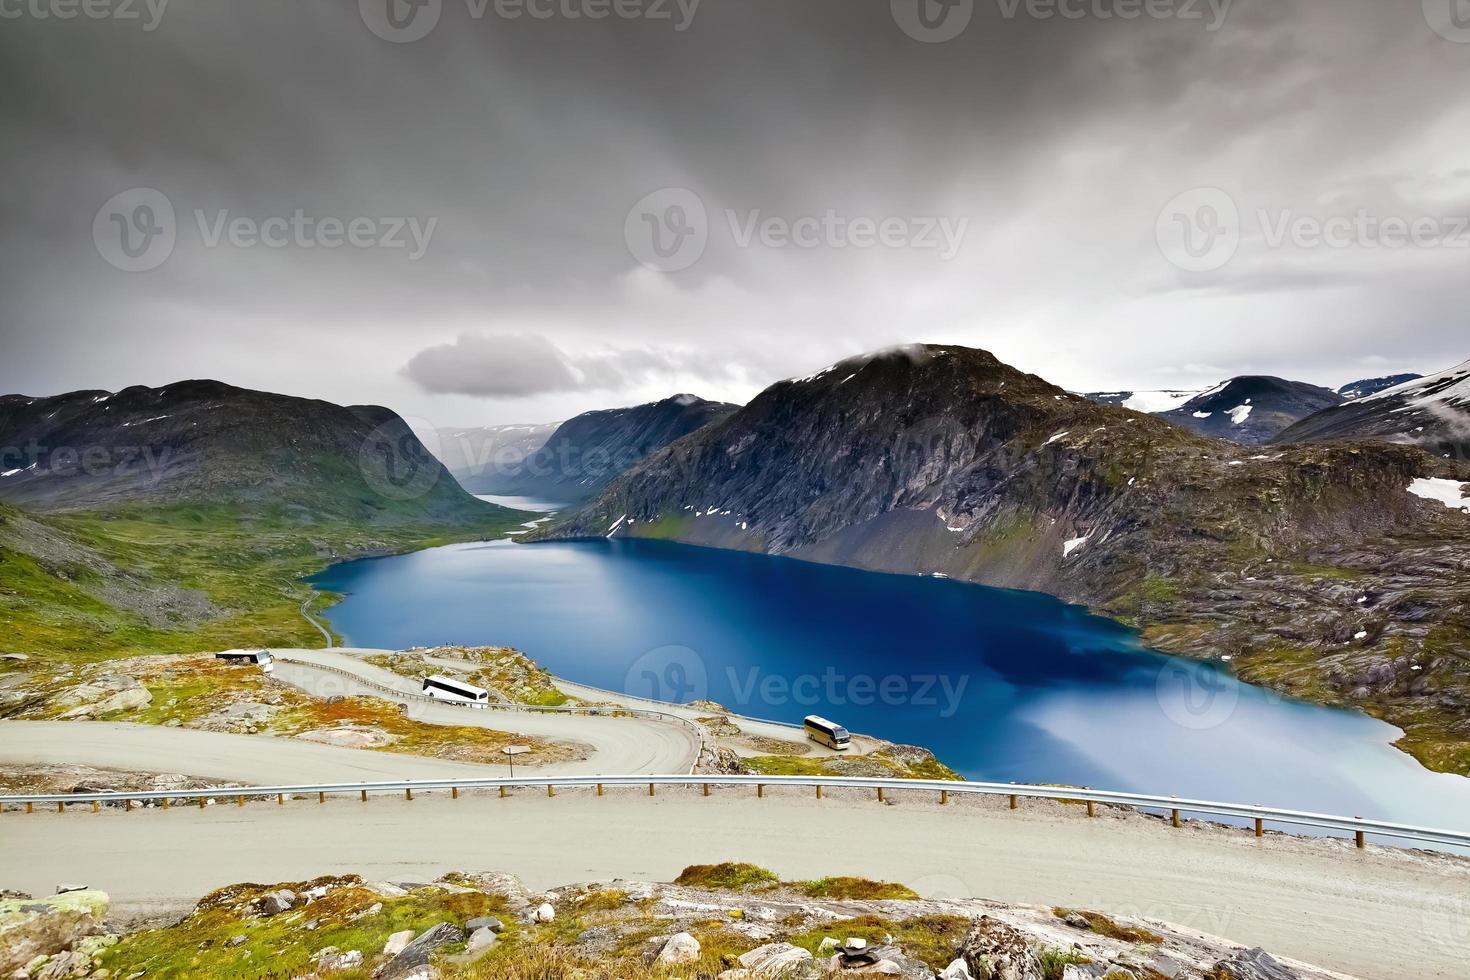 meer djupvatnet bij geirangerfjord, dalsnibba - noorwegen - scandinavië foto